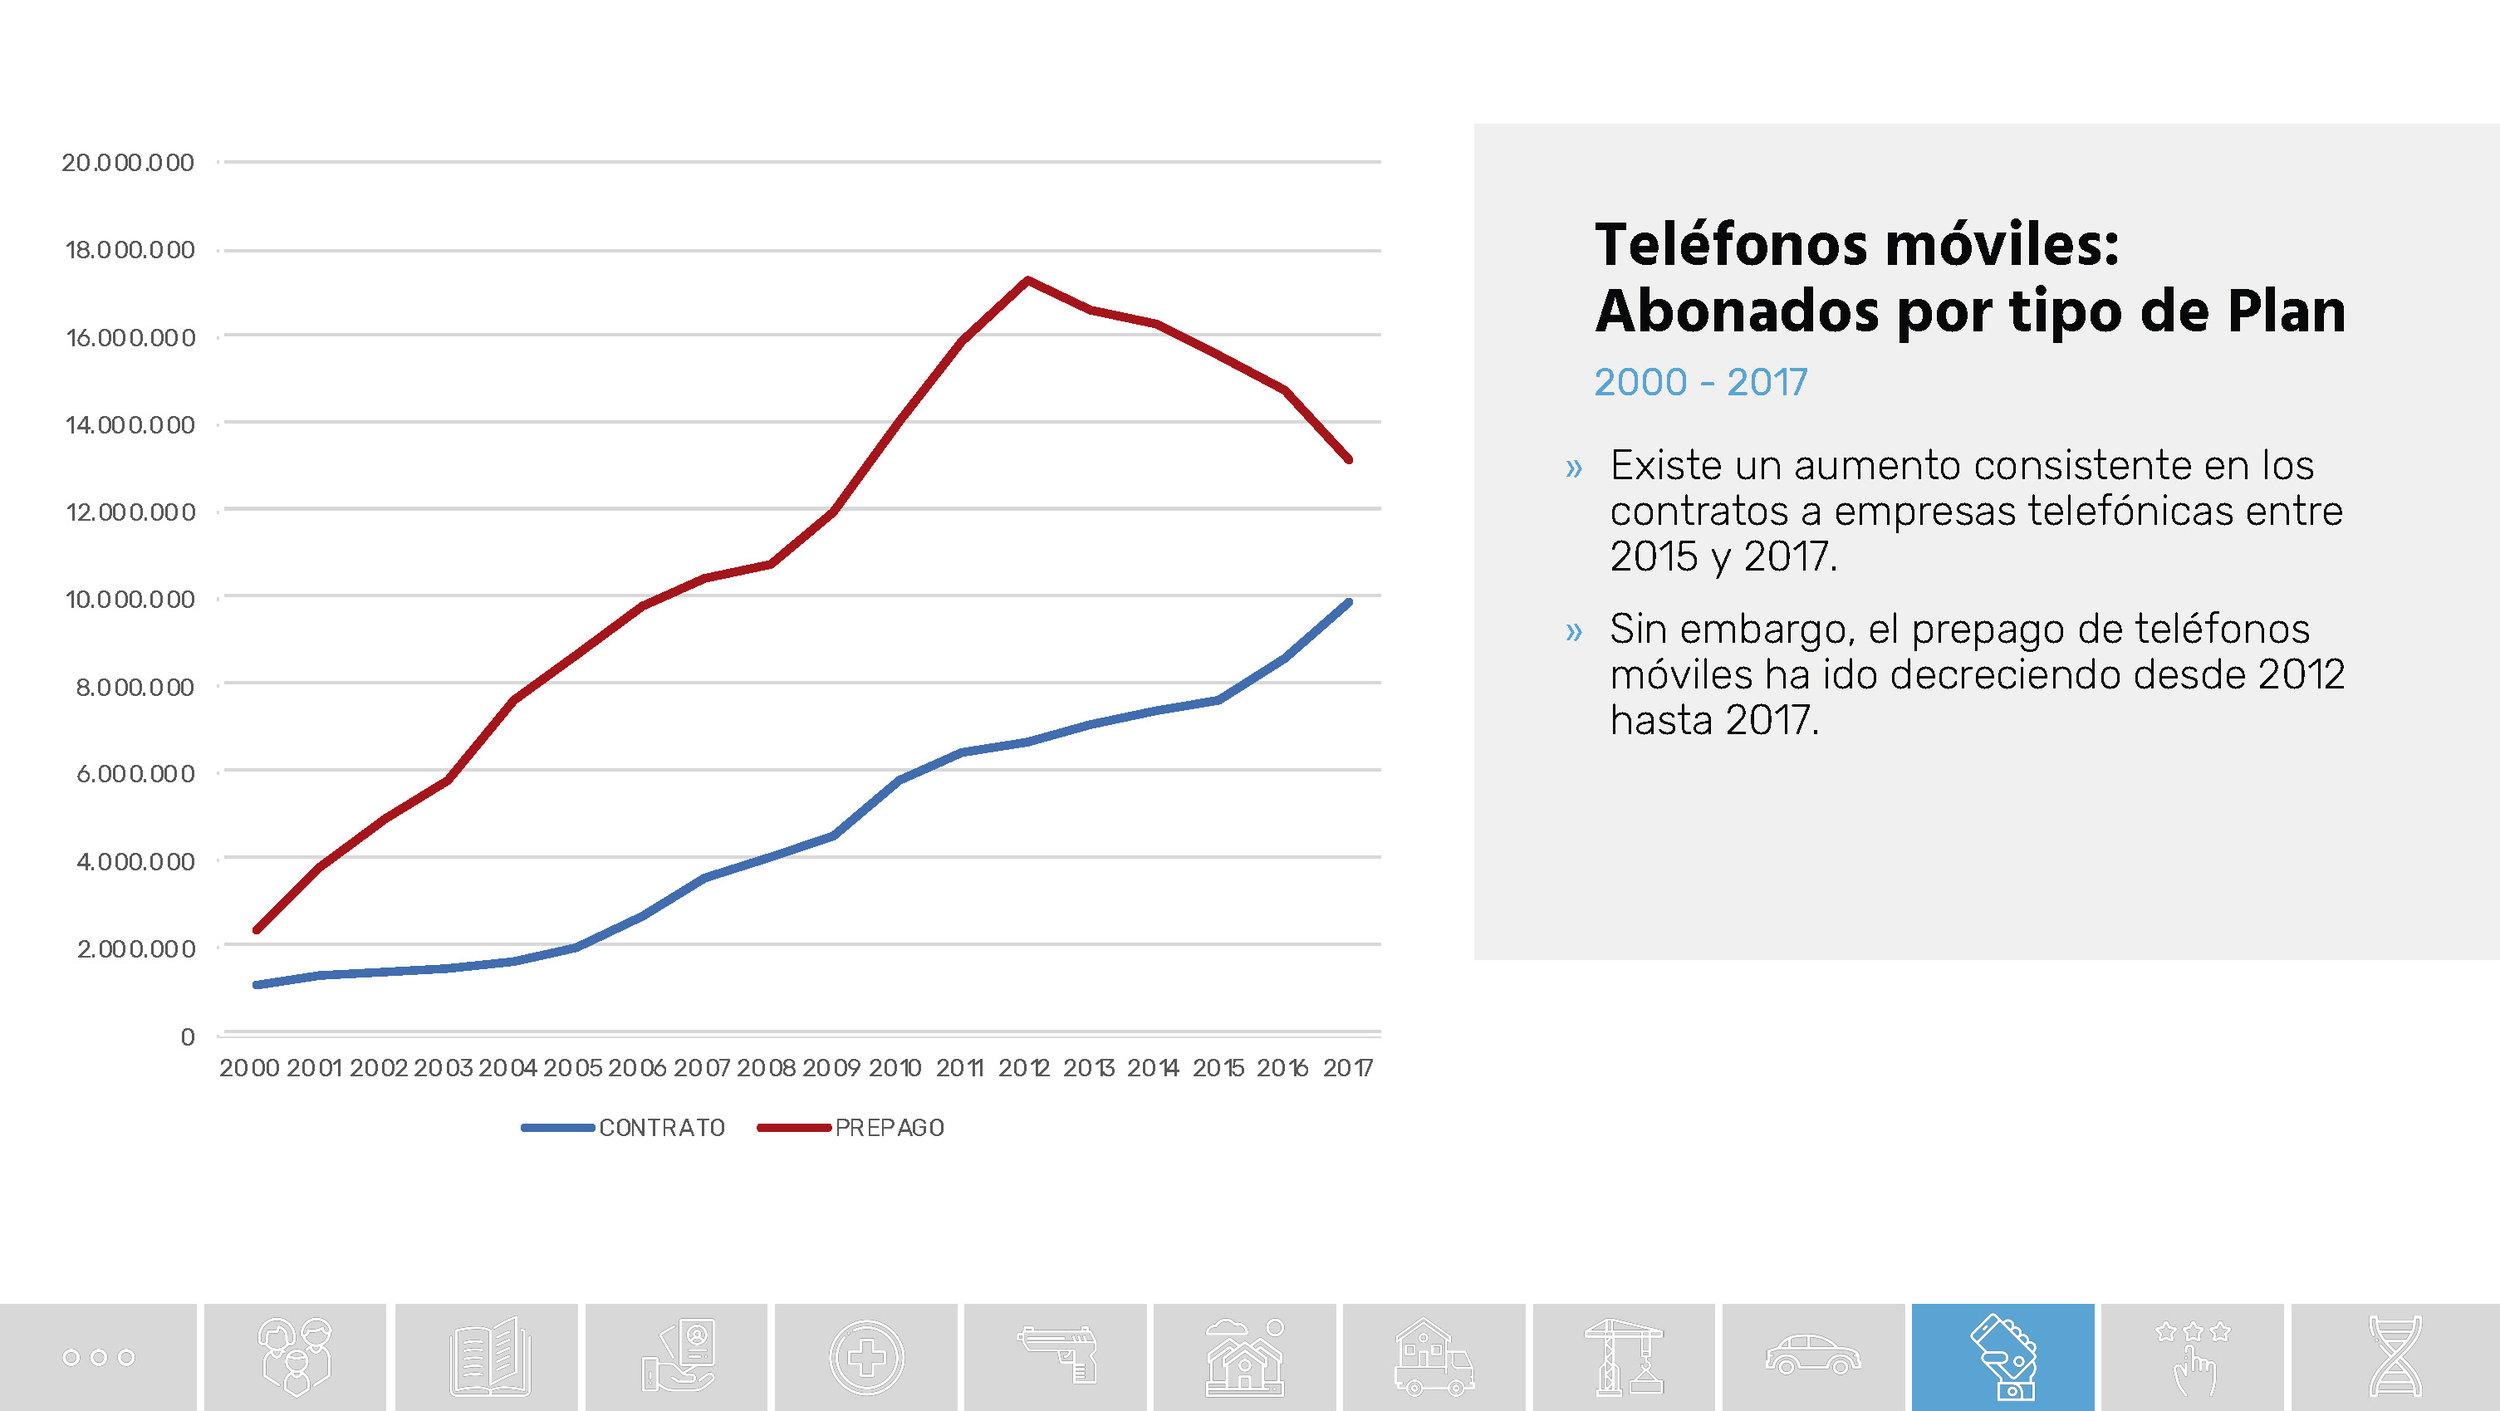 Chile_Datos de una transformacion social_Unholster_Página_71.jpg